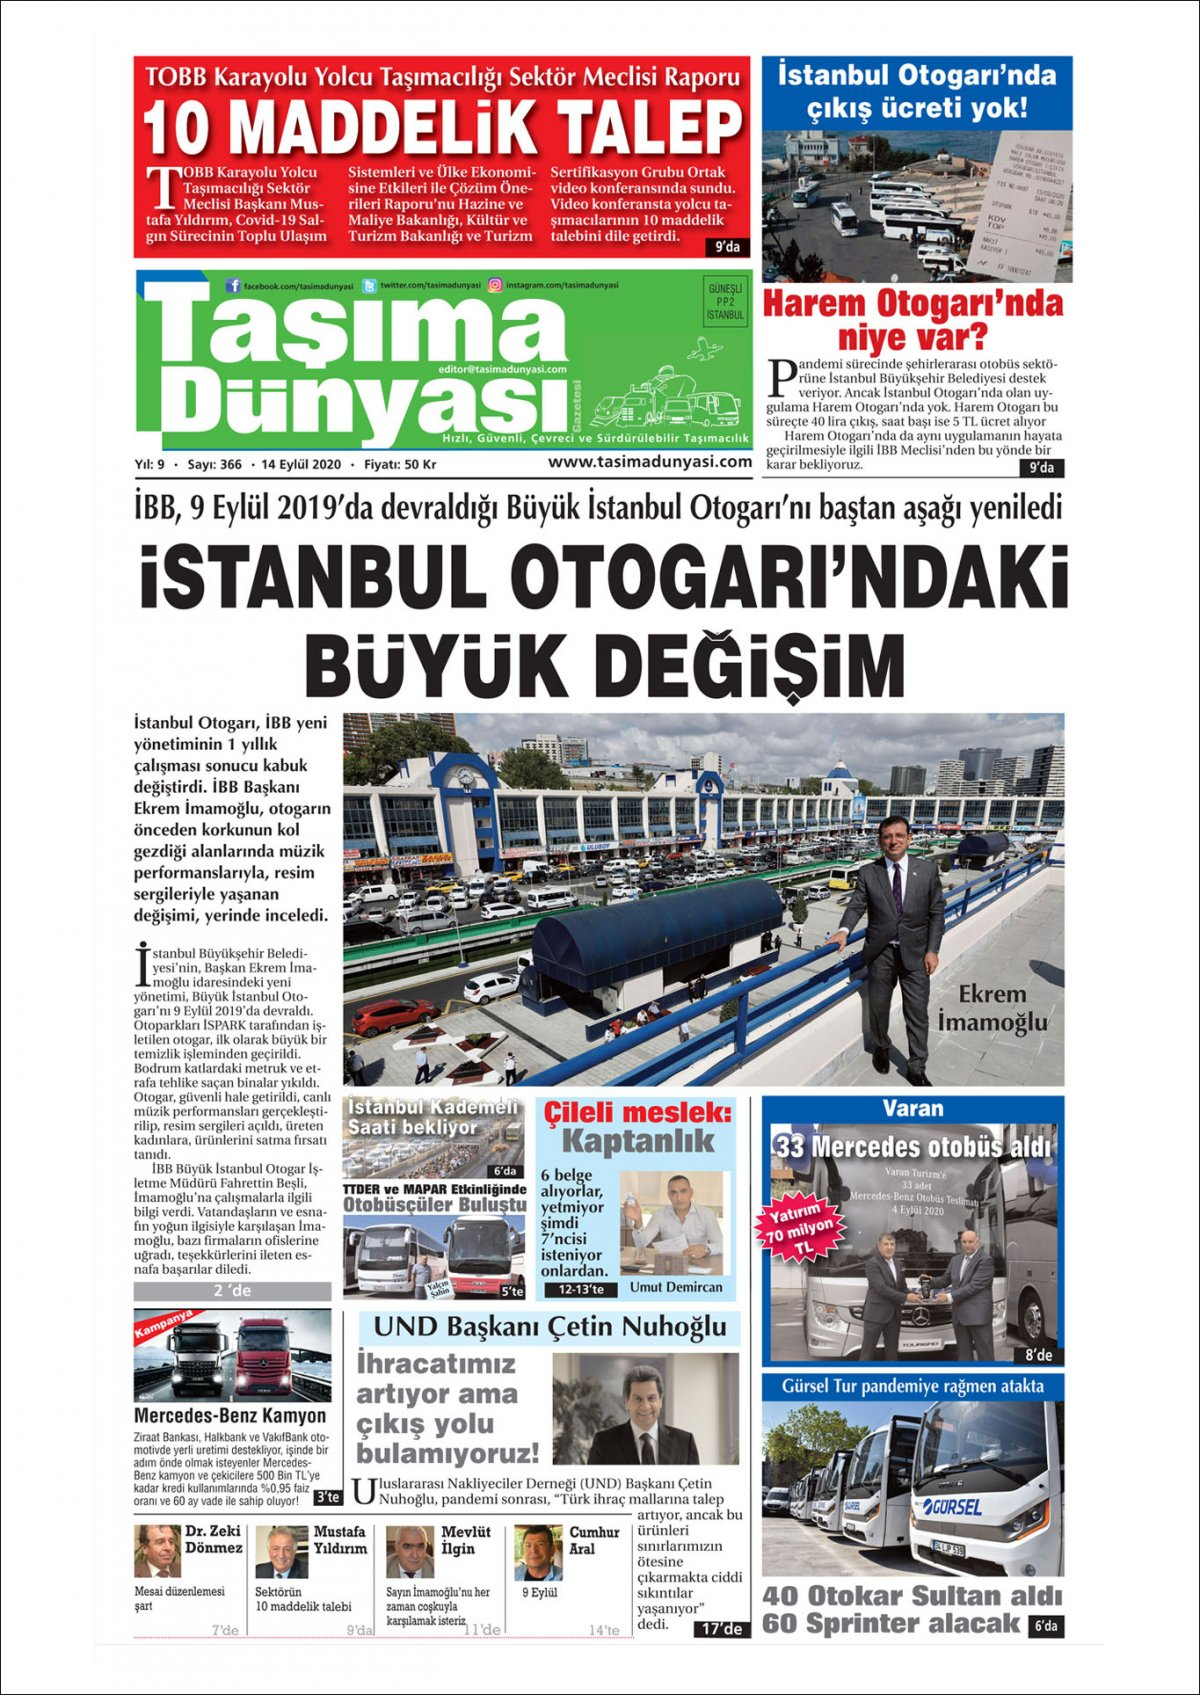 Taşıma Dünyası Gazetesi - 14.09.2020 Manşeti